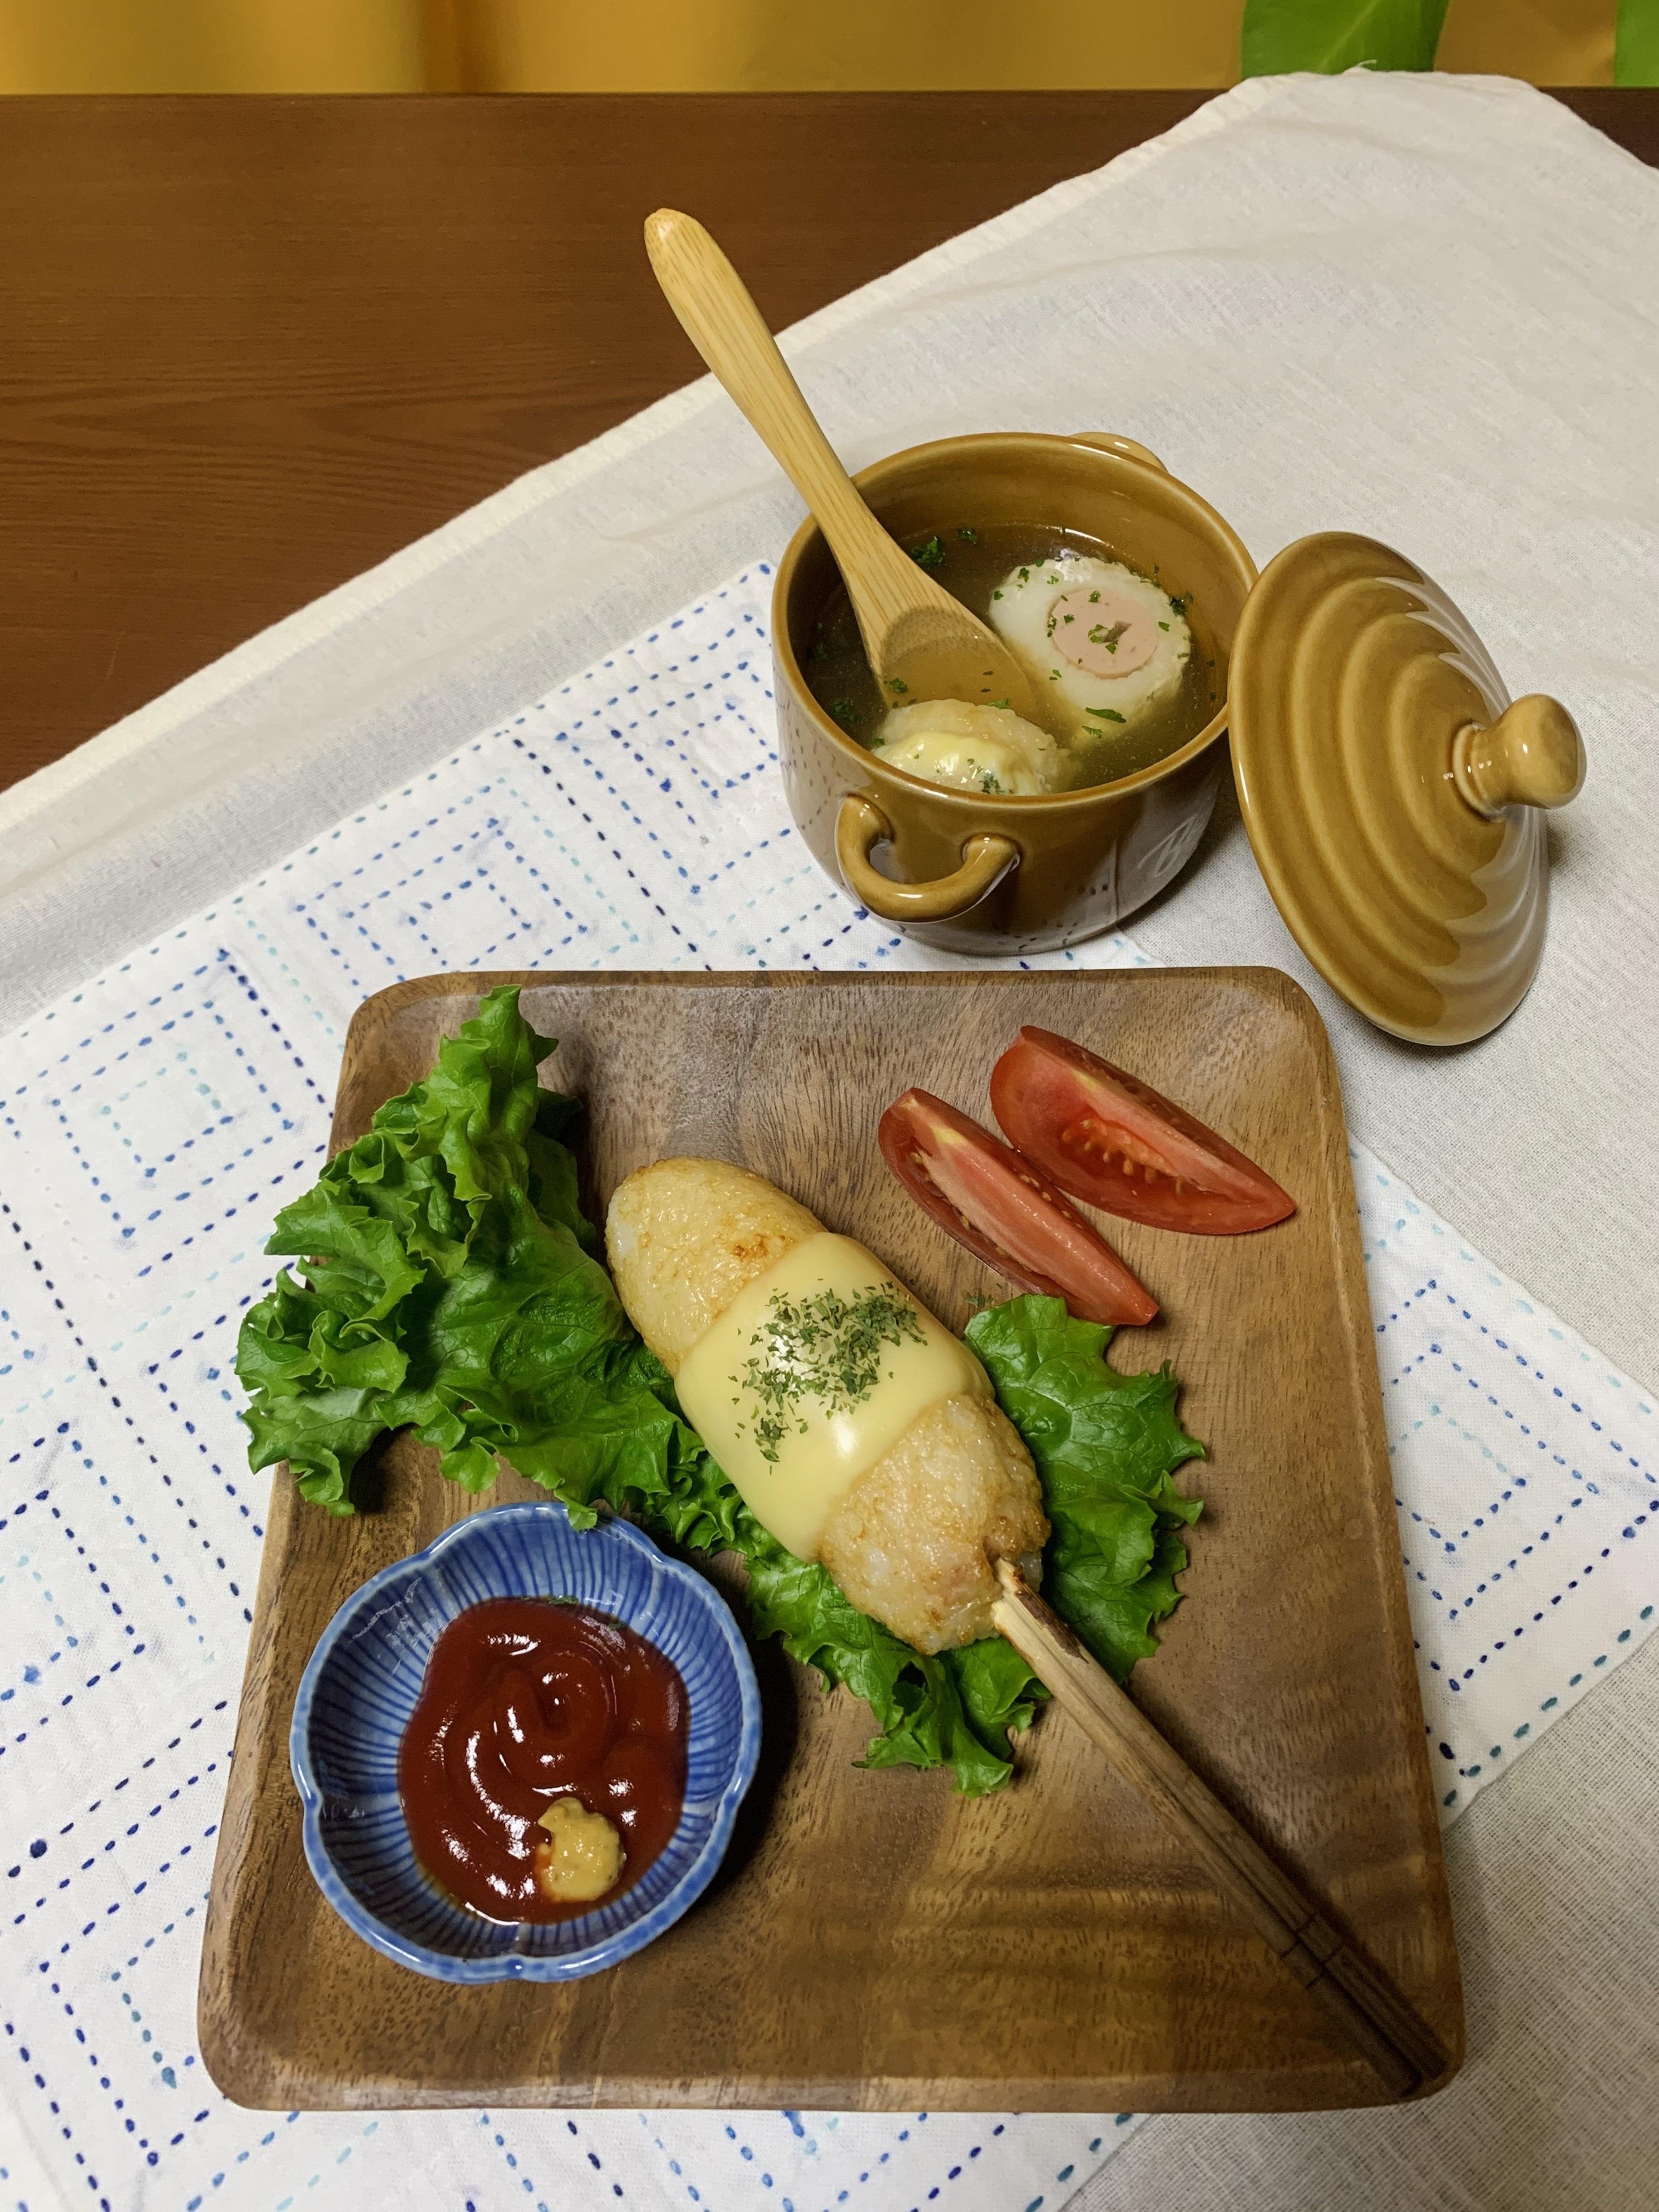 「きりたんぽドッグ」第1回 アスリートフードレシピコンテスト「テーマ補食」 入賞作品